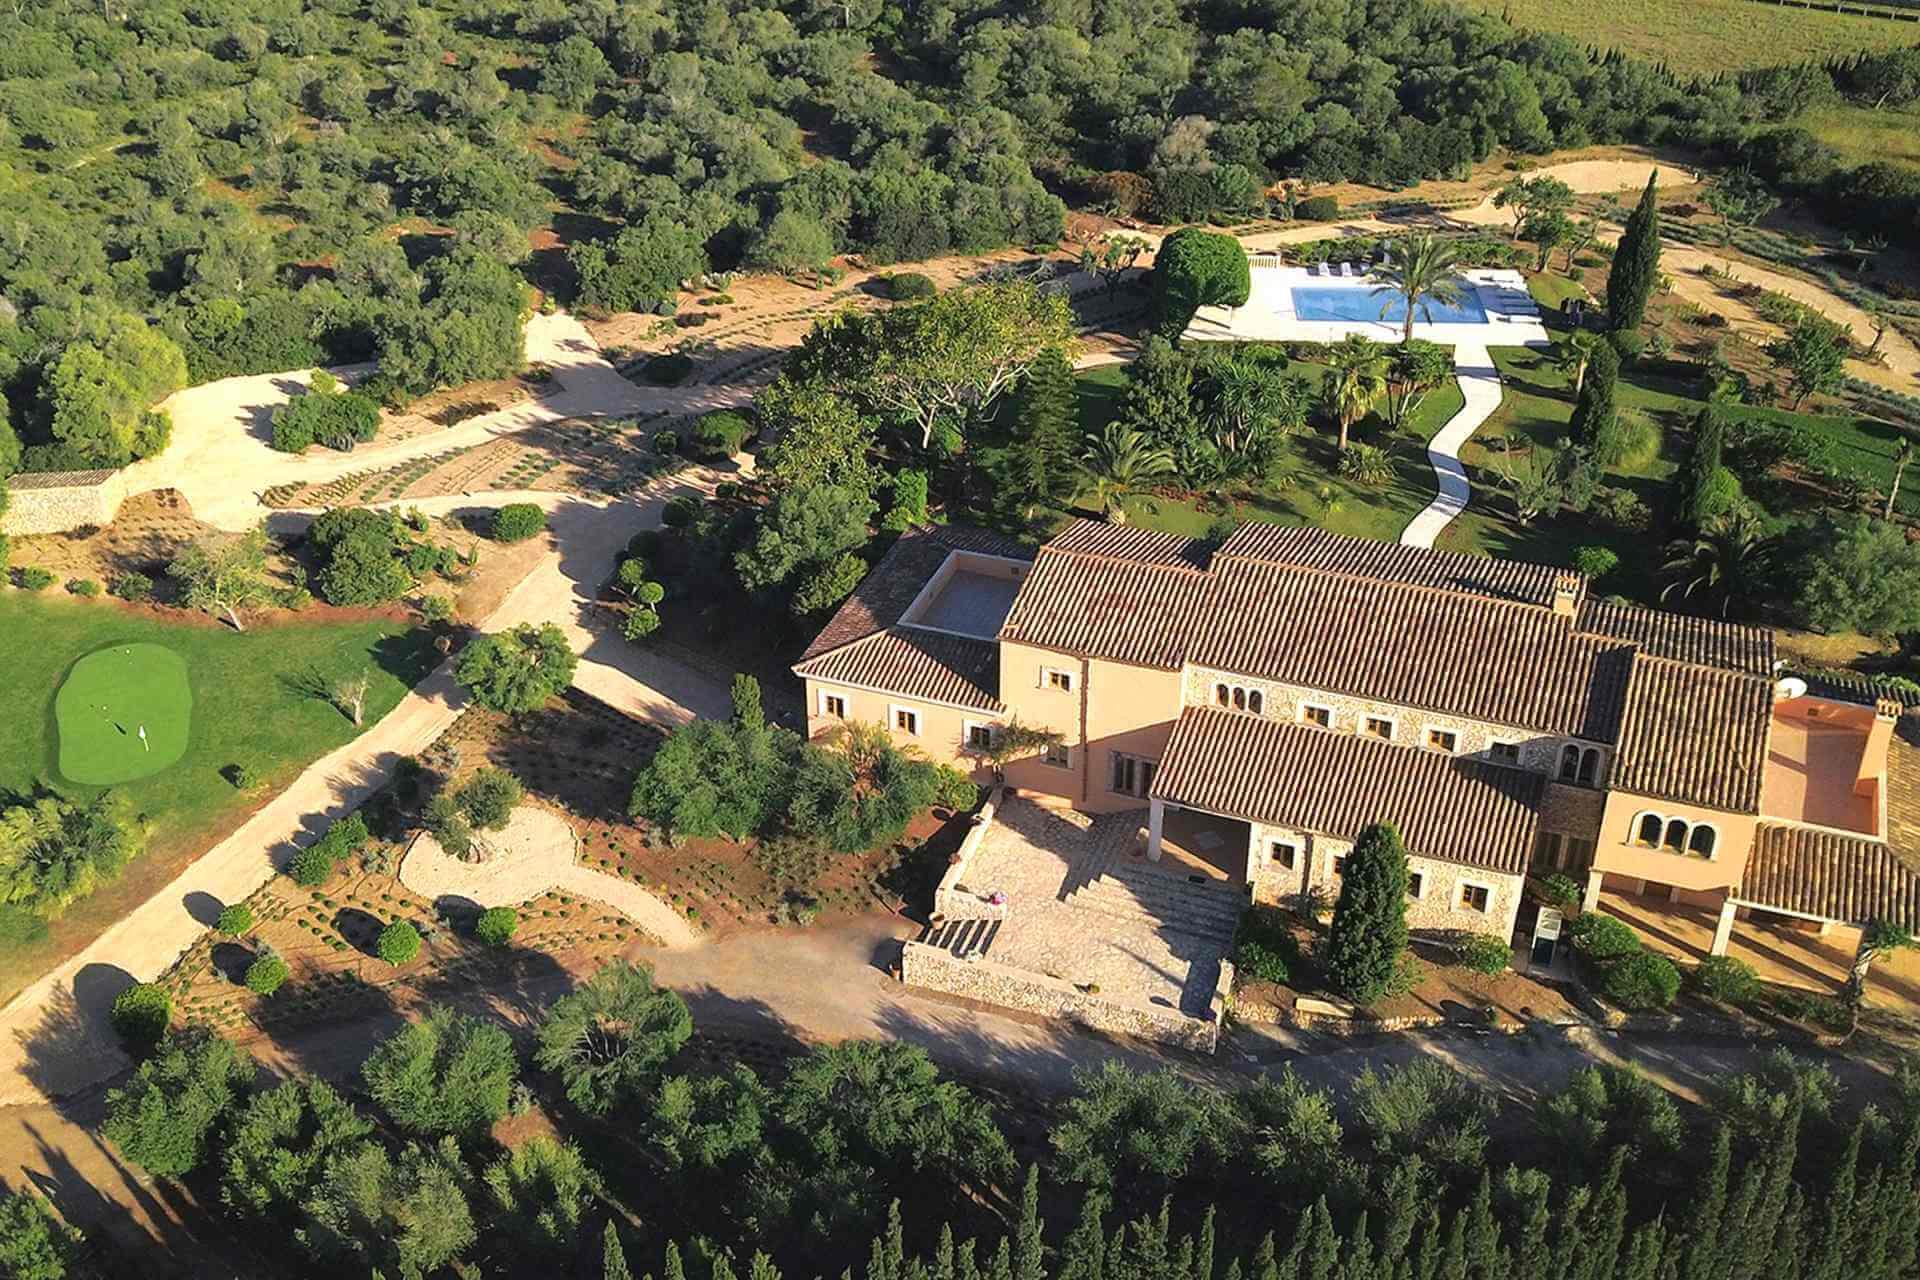 01-319 riesige luxus Finca Mallorca Osten Bild 2